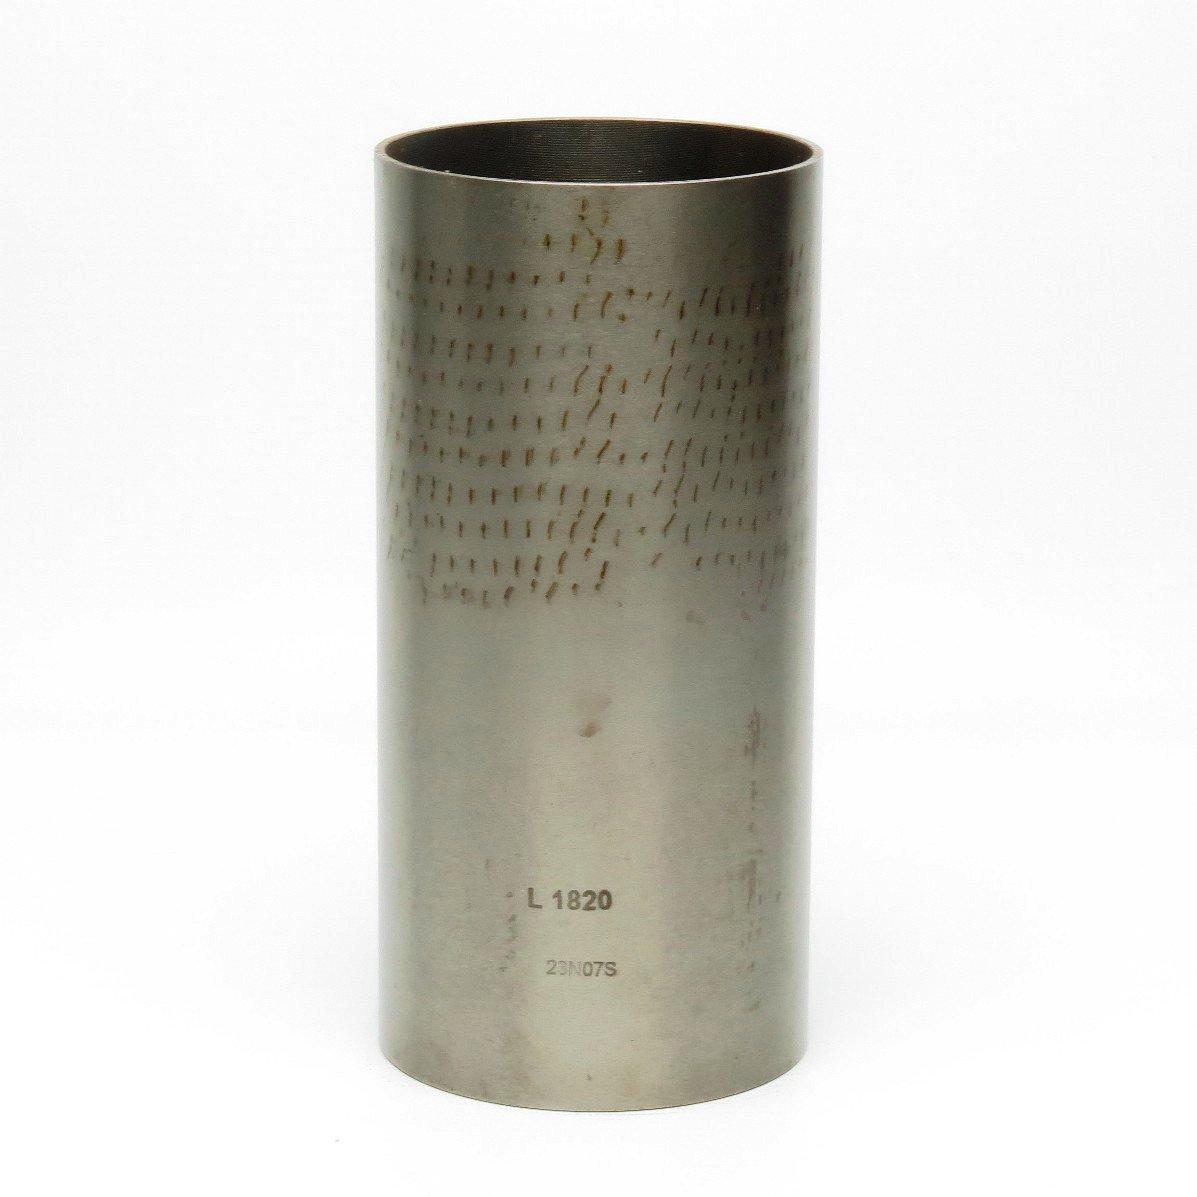 L 1820 - Cylinder Repair Liner